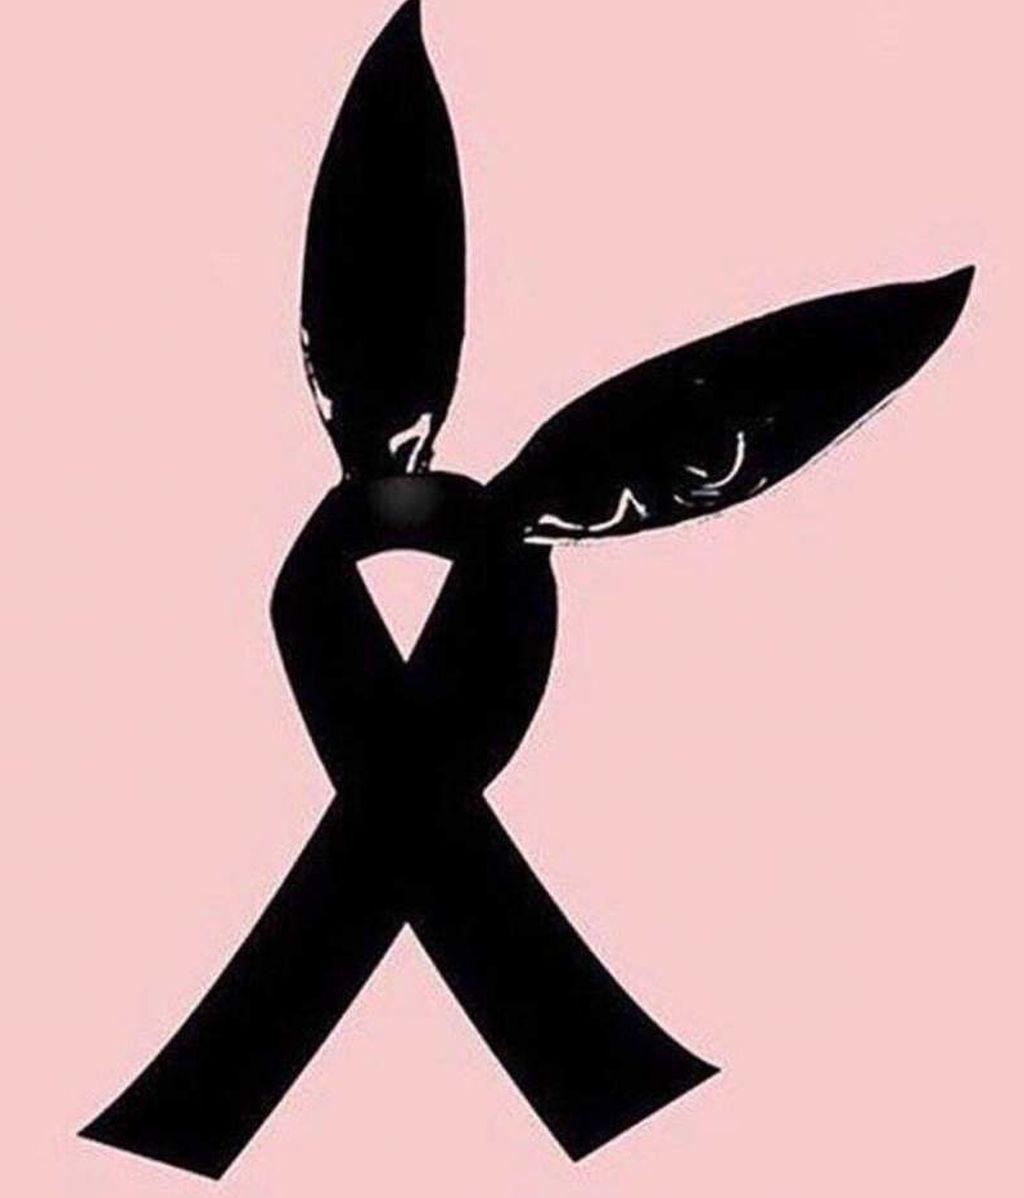 Las reacciones al atentado de Manchester en las redes sociales